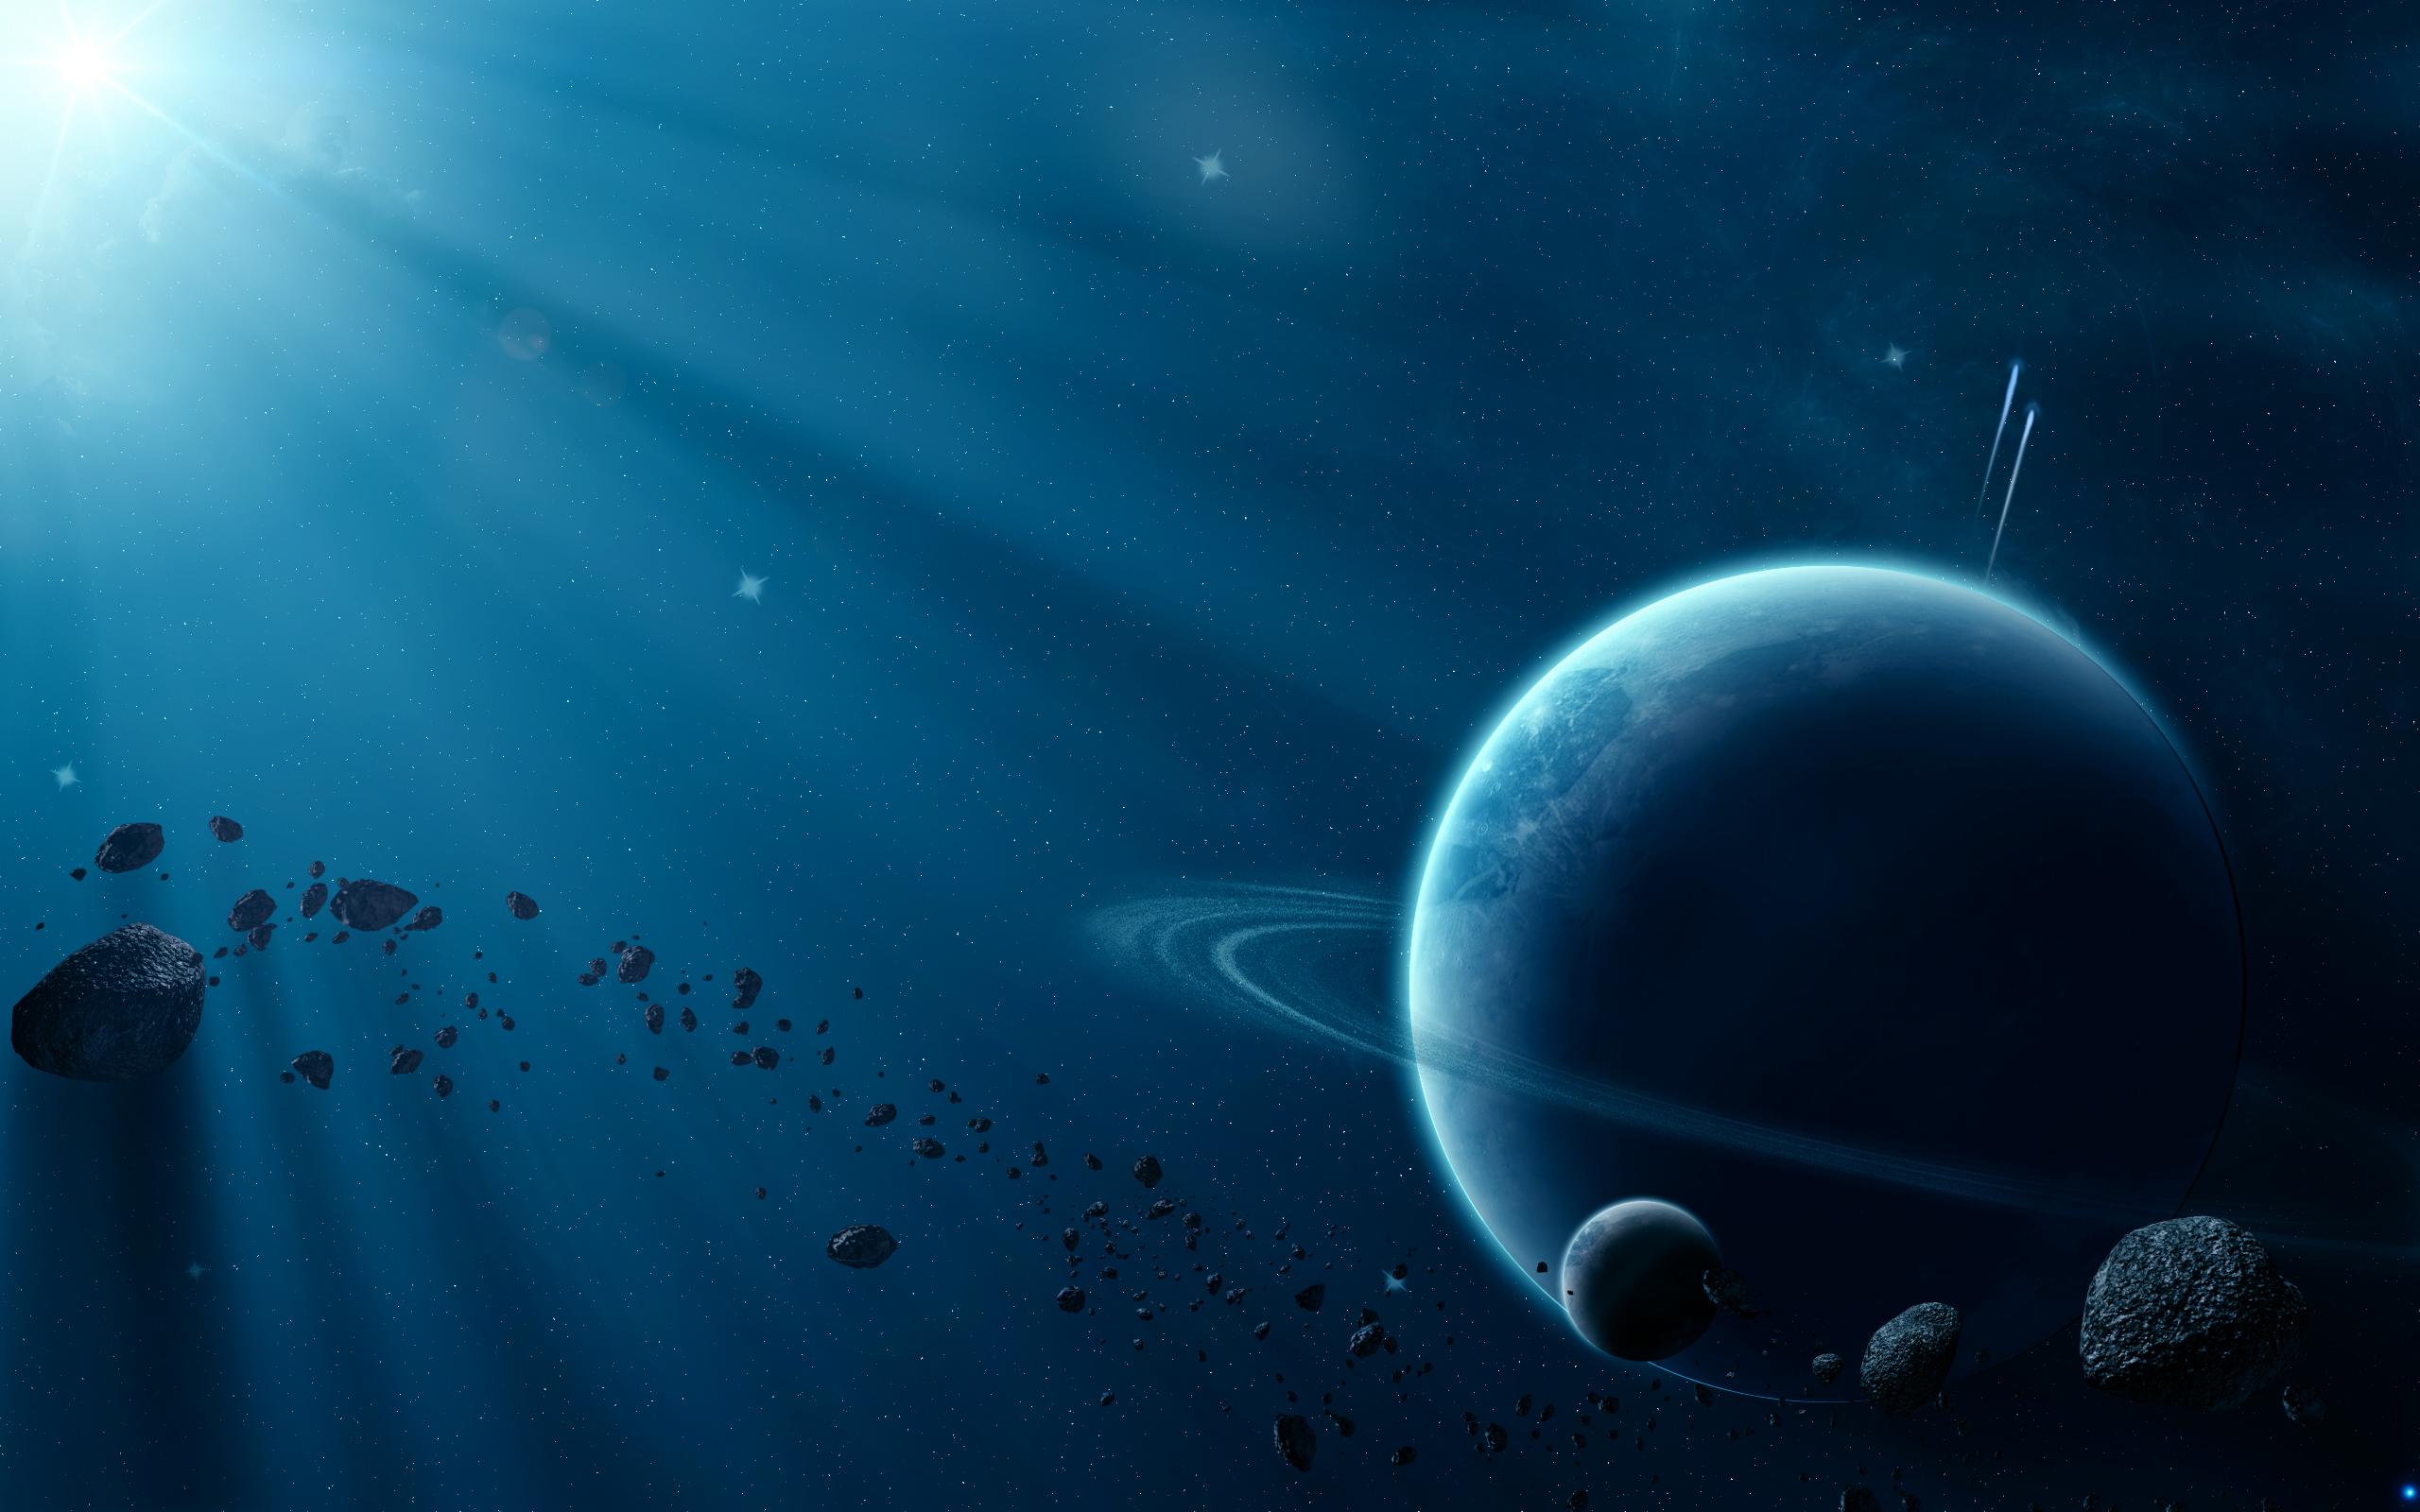 Обои Свечение планеты изнутри картинки на рабочий стол на тему Космос - скачать без смс